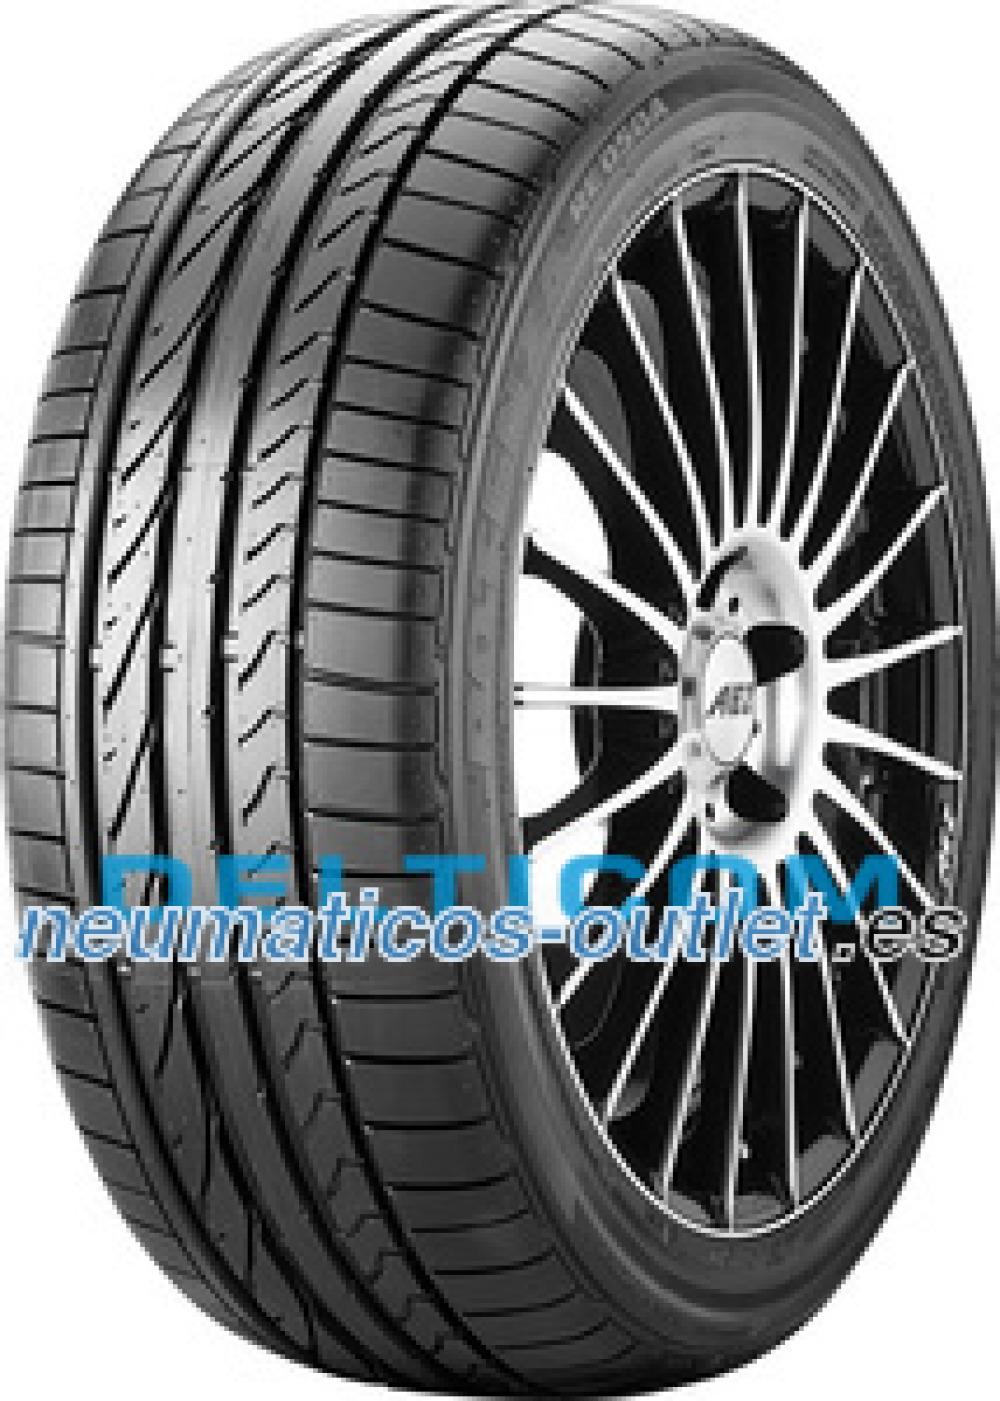 Bridgestone Potenza RE 050 A EXT ( 255/40 R17 94W MOE, con protector de llanta (MFS), runflat )